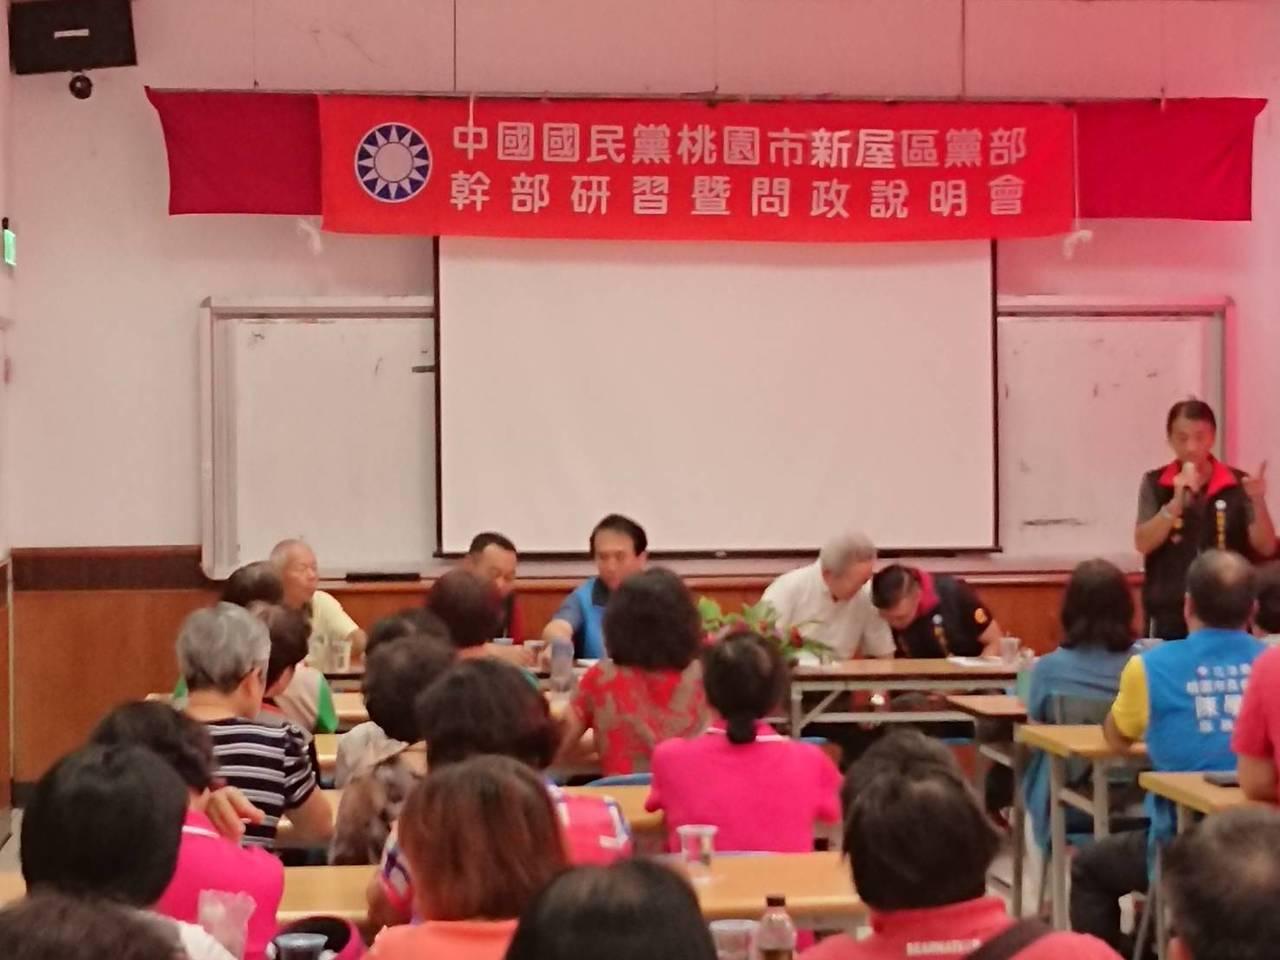 新屋區被國民黨視為艱困選區。圖/陳學聖服務處提供